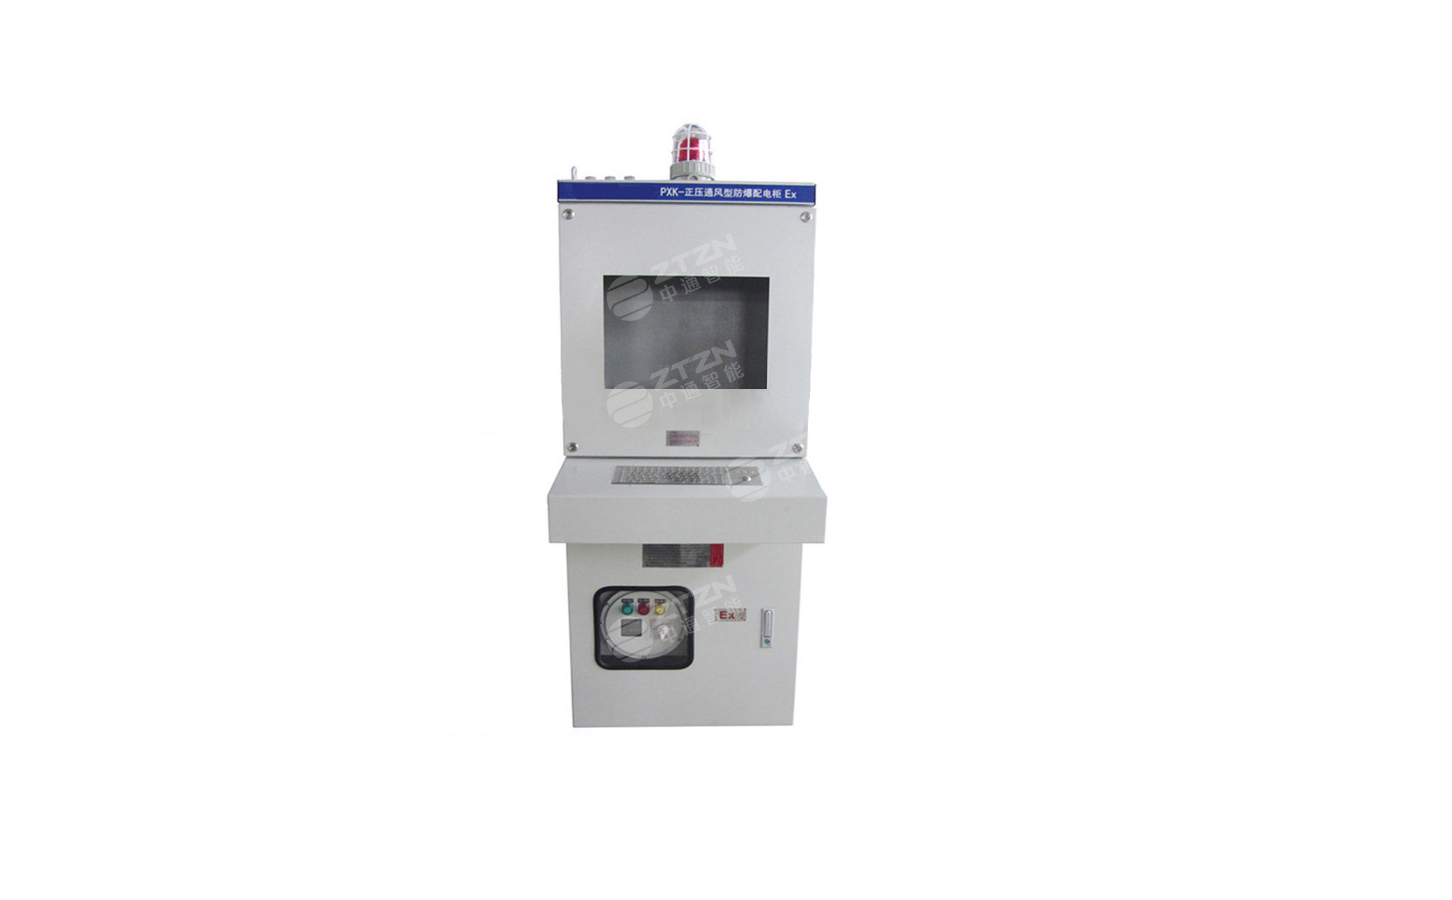 琴台式正压型防爆配电柜价格,琴台式正压型防爆配电柜厂家